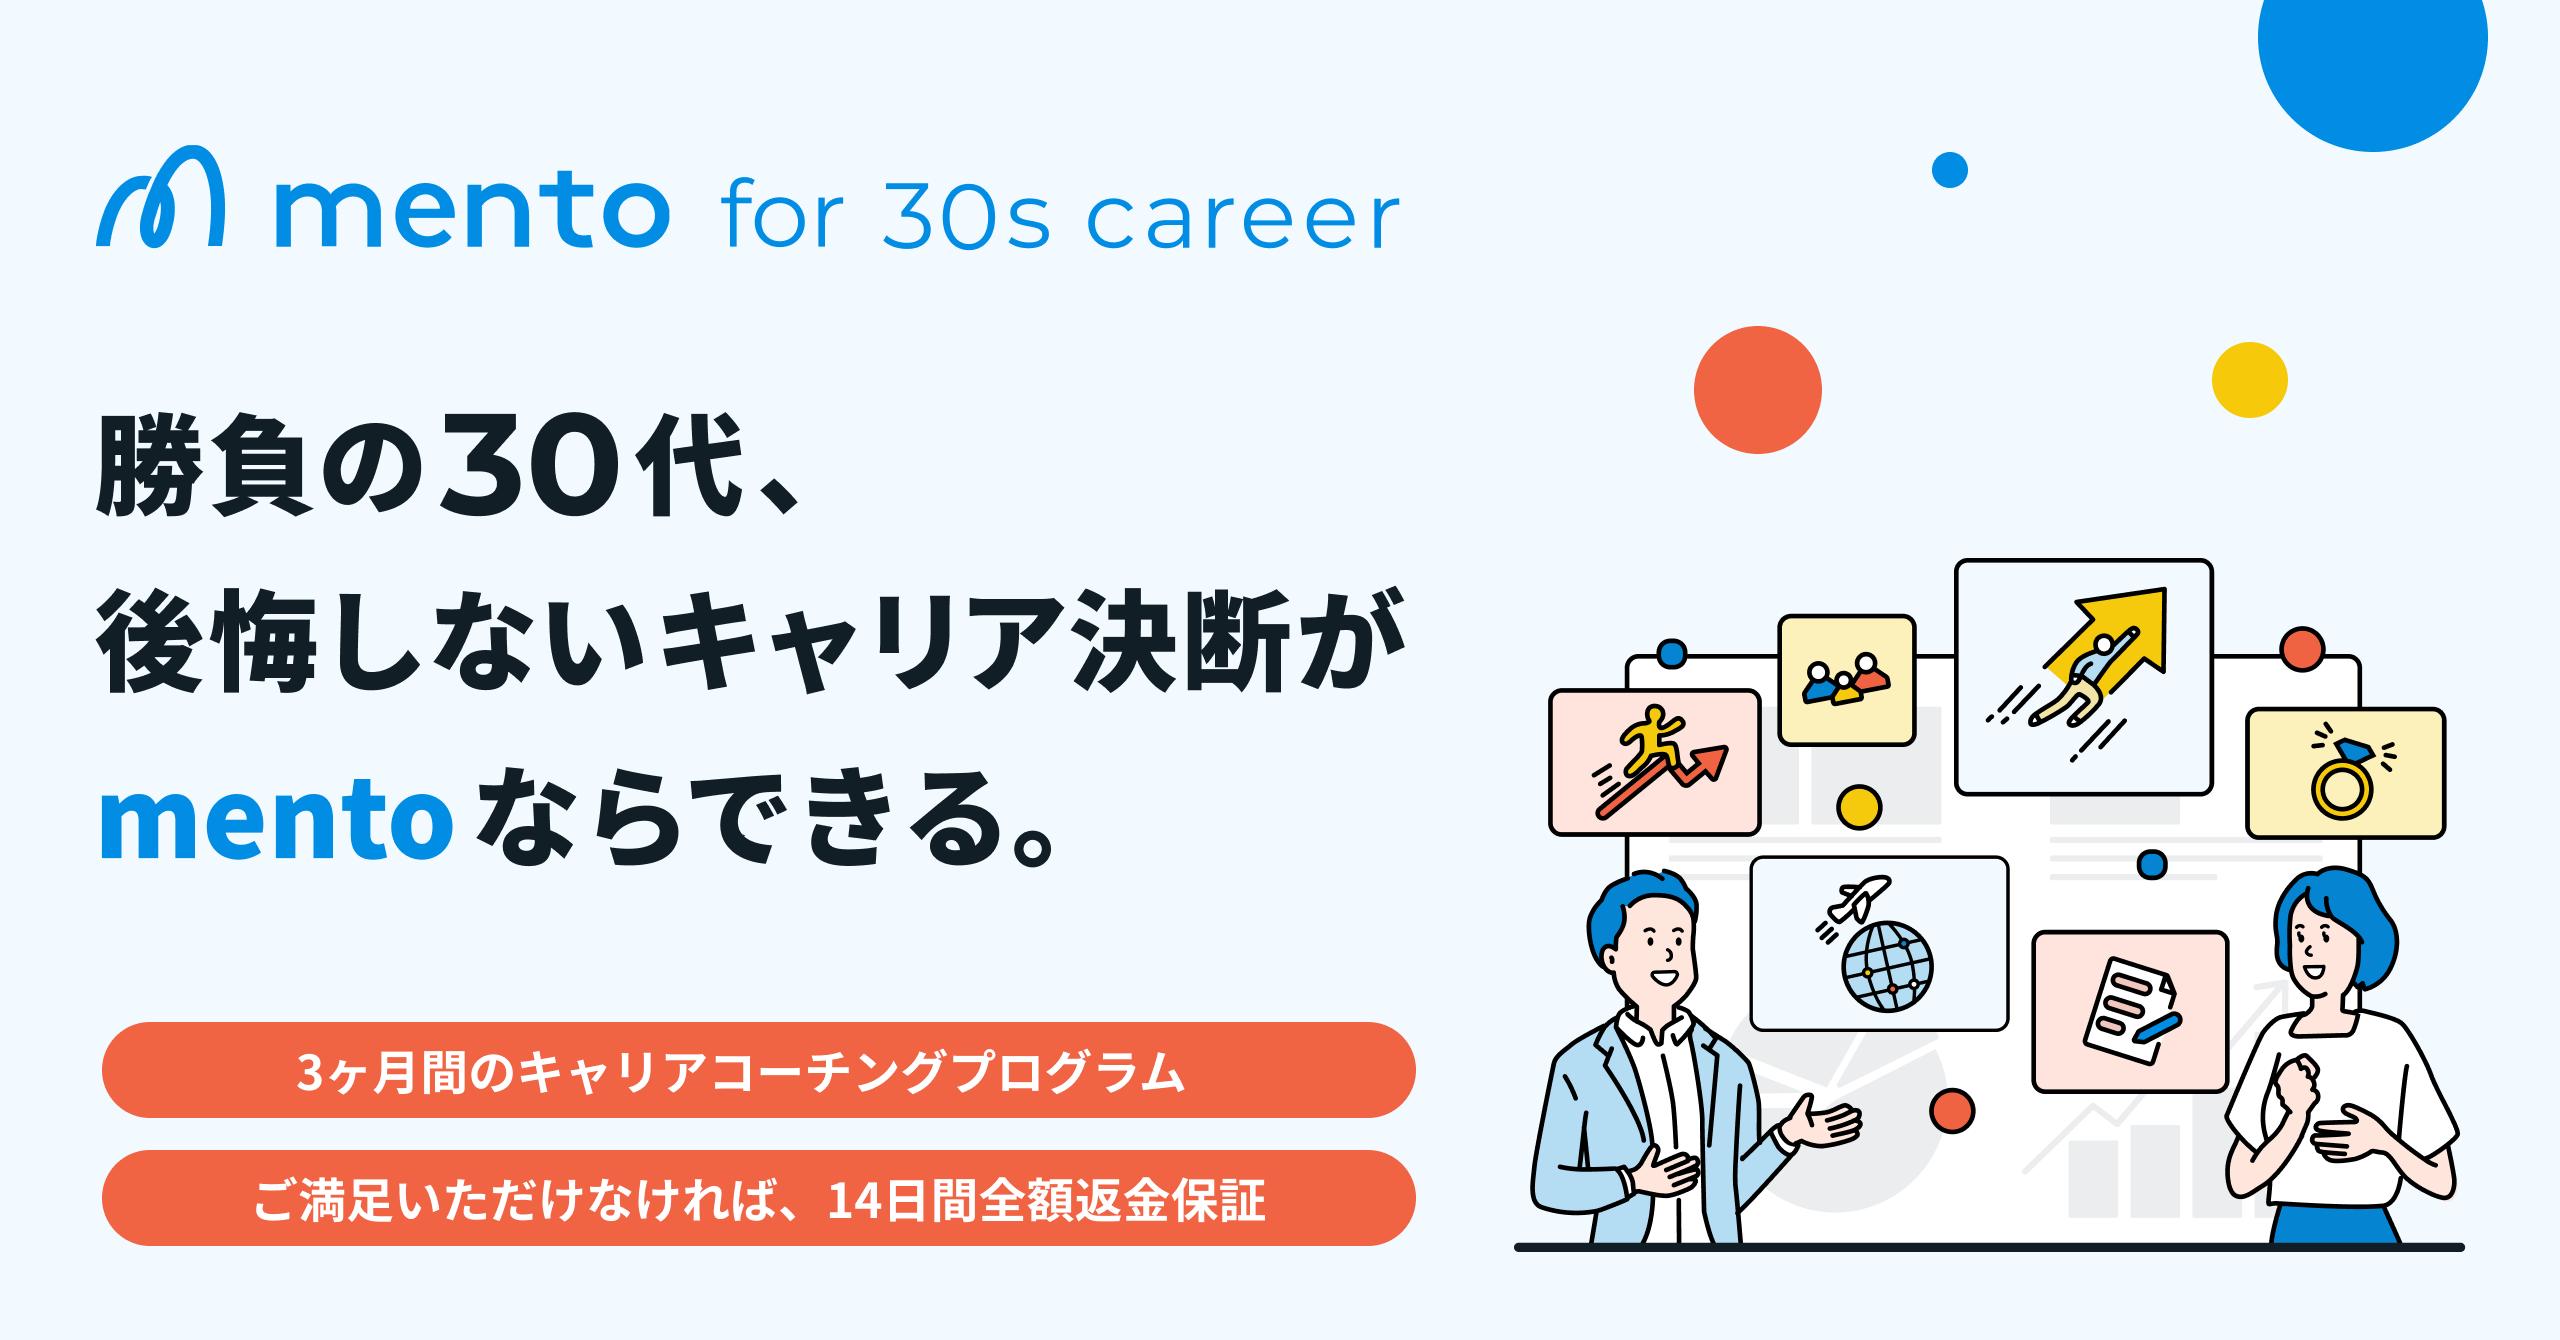 コーチングサービス「mento」が、本気のキャリアデザインにコミットする 短期集中プログラム「mento for 30s career」を提供開始